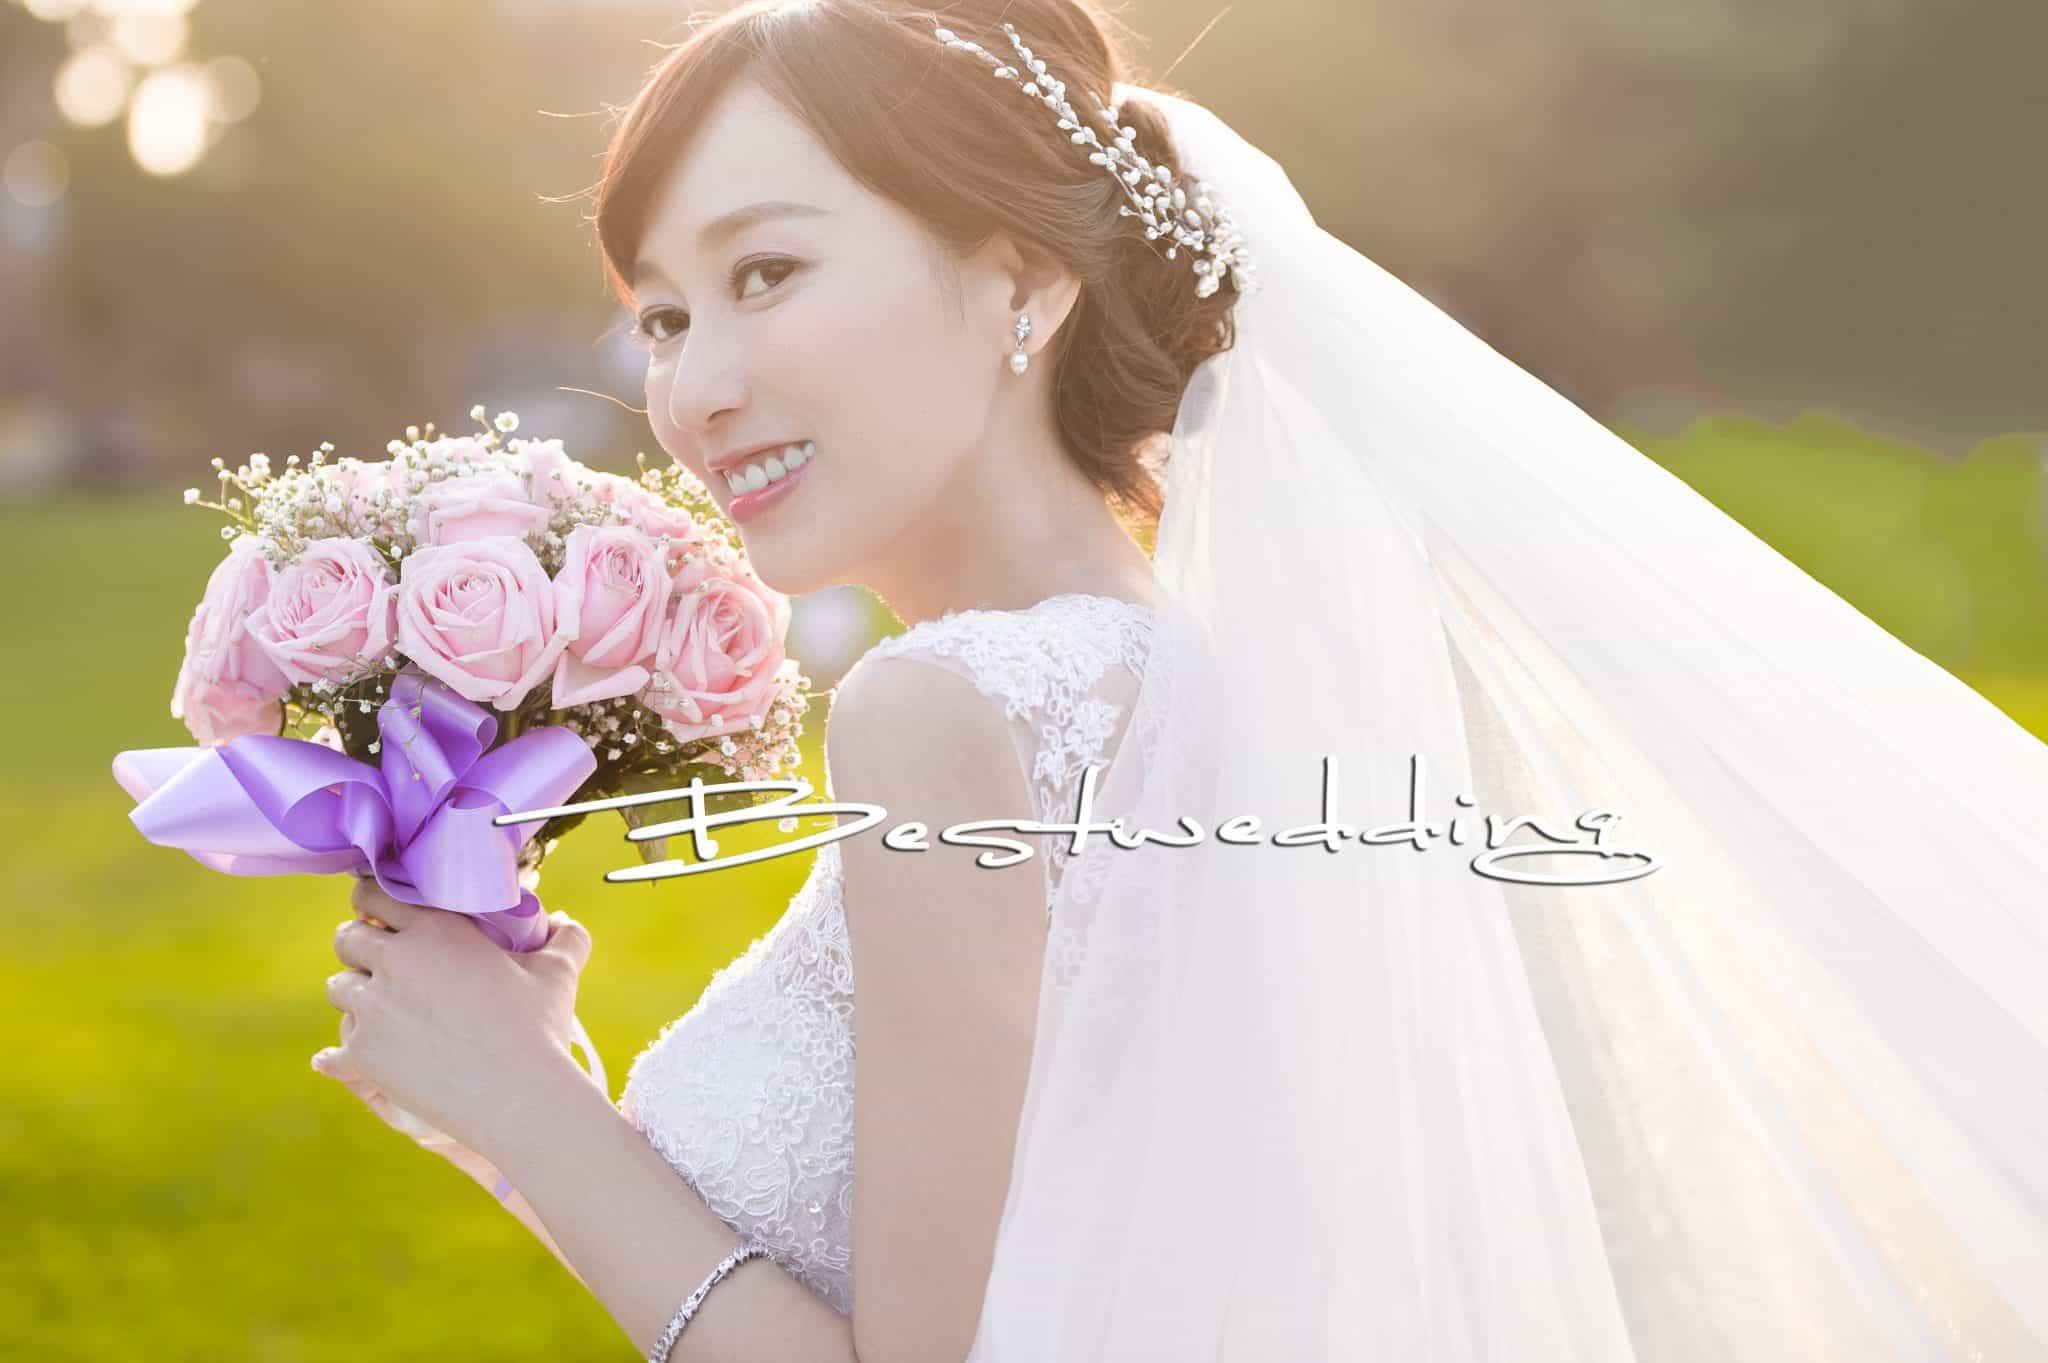 【婚攝優哥】俊峰 ♥ 秀惠 - 台中女兒紅婚宴會館